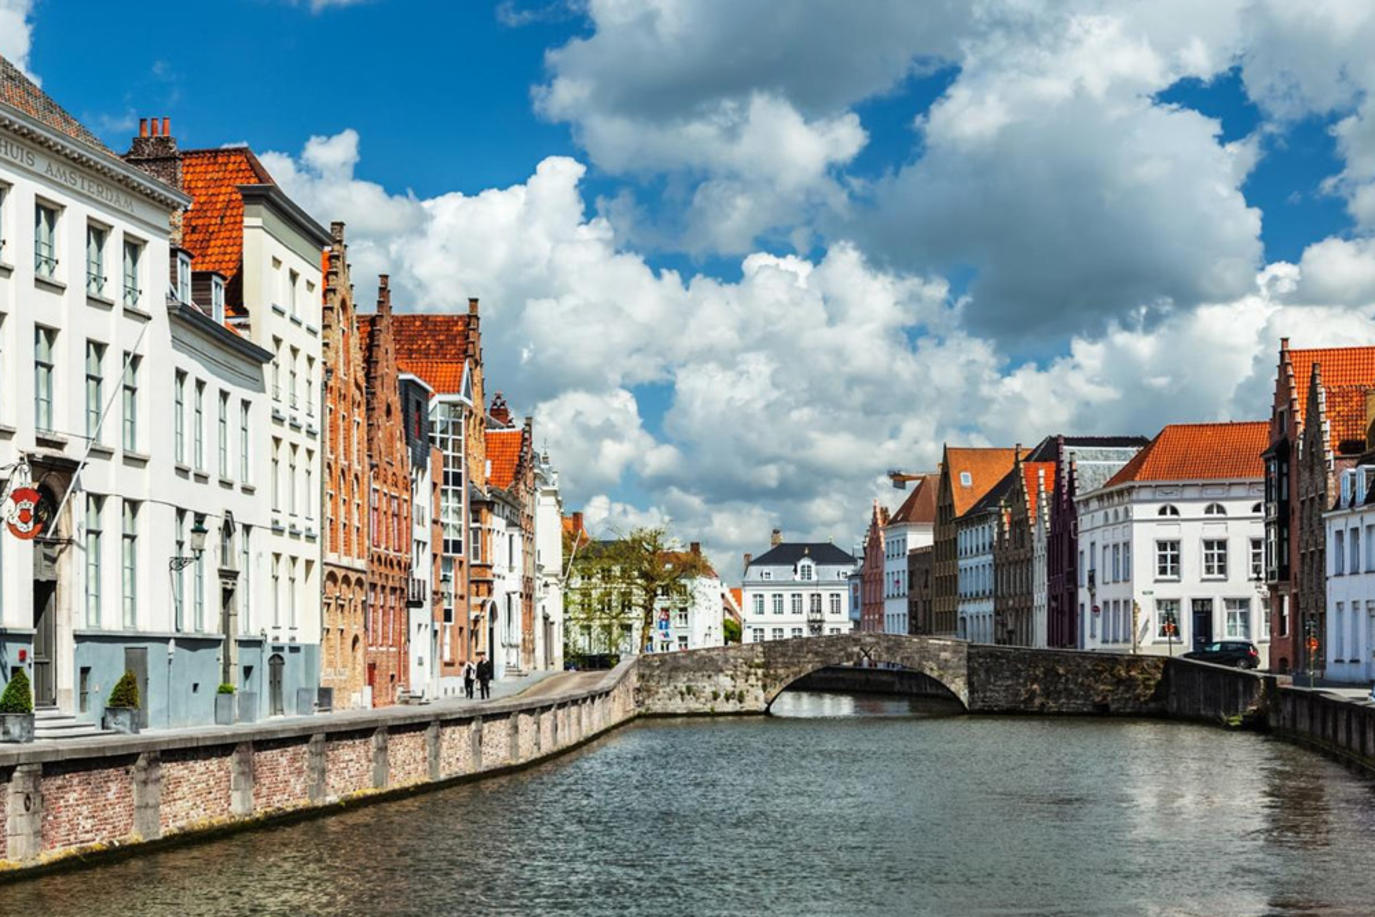 بالصور  ..  السياحة في بلجيكا: أشهر عوامل الجذب في بروج